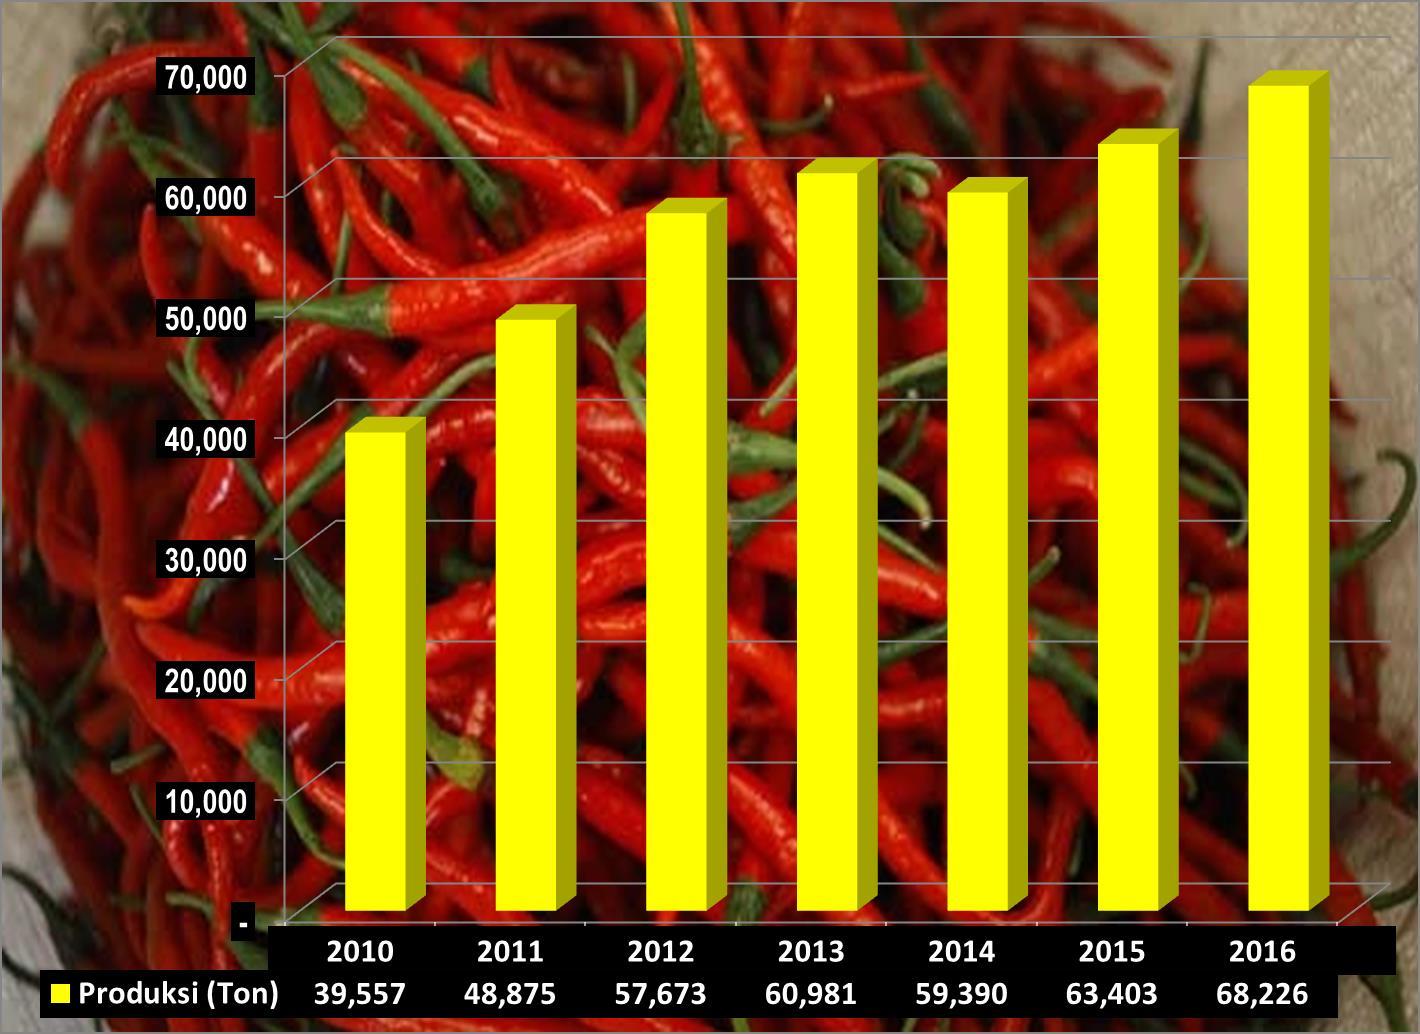 Grafik Produksi Cabai Sumbar 2010 - 2016 (Ton)